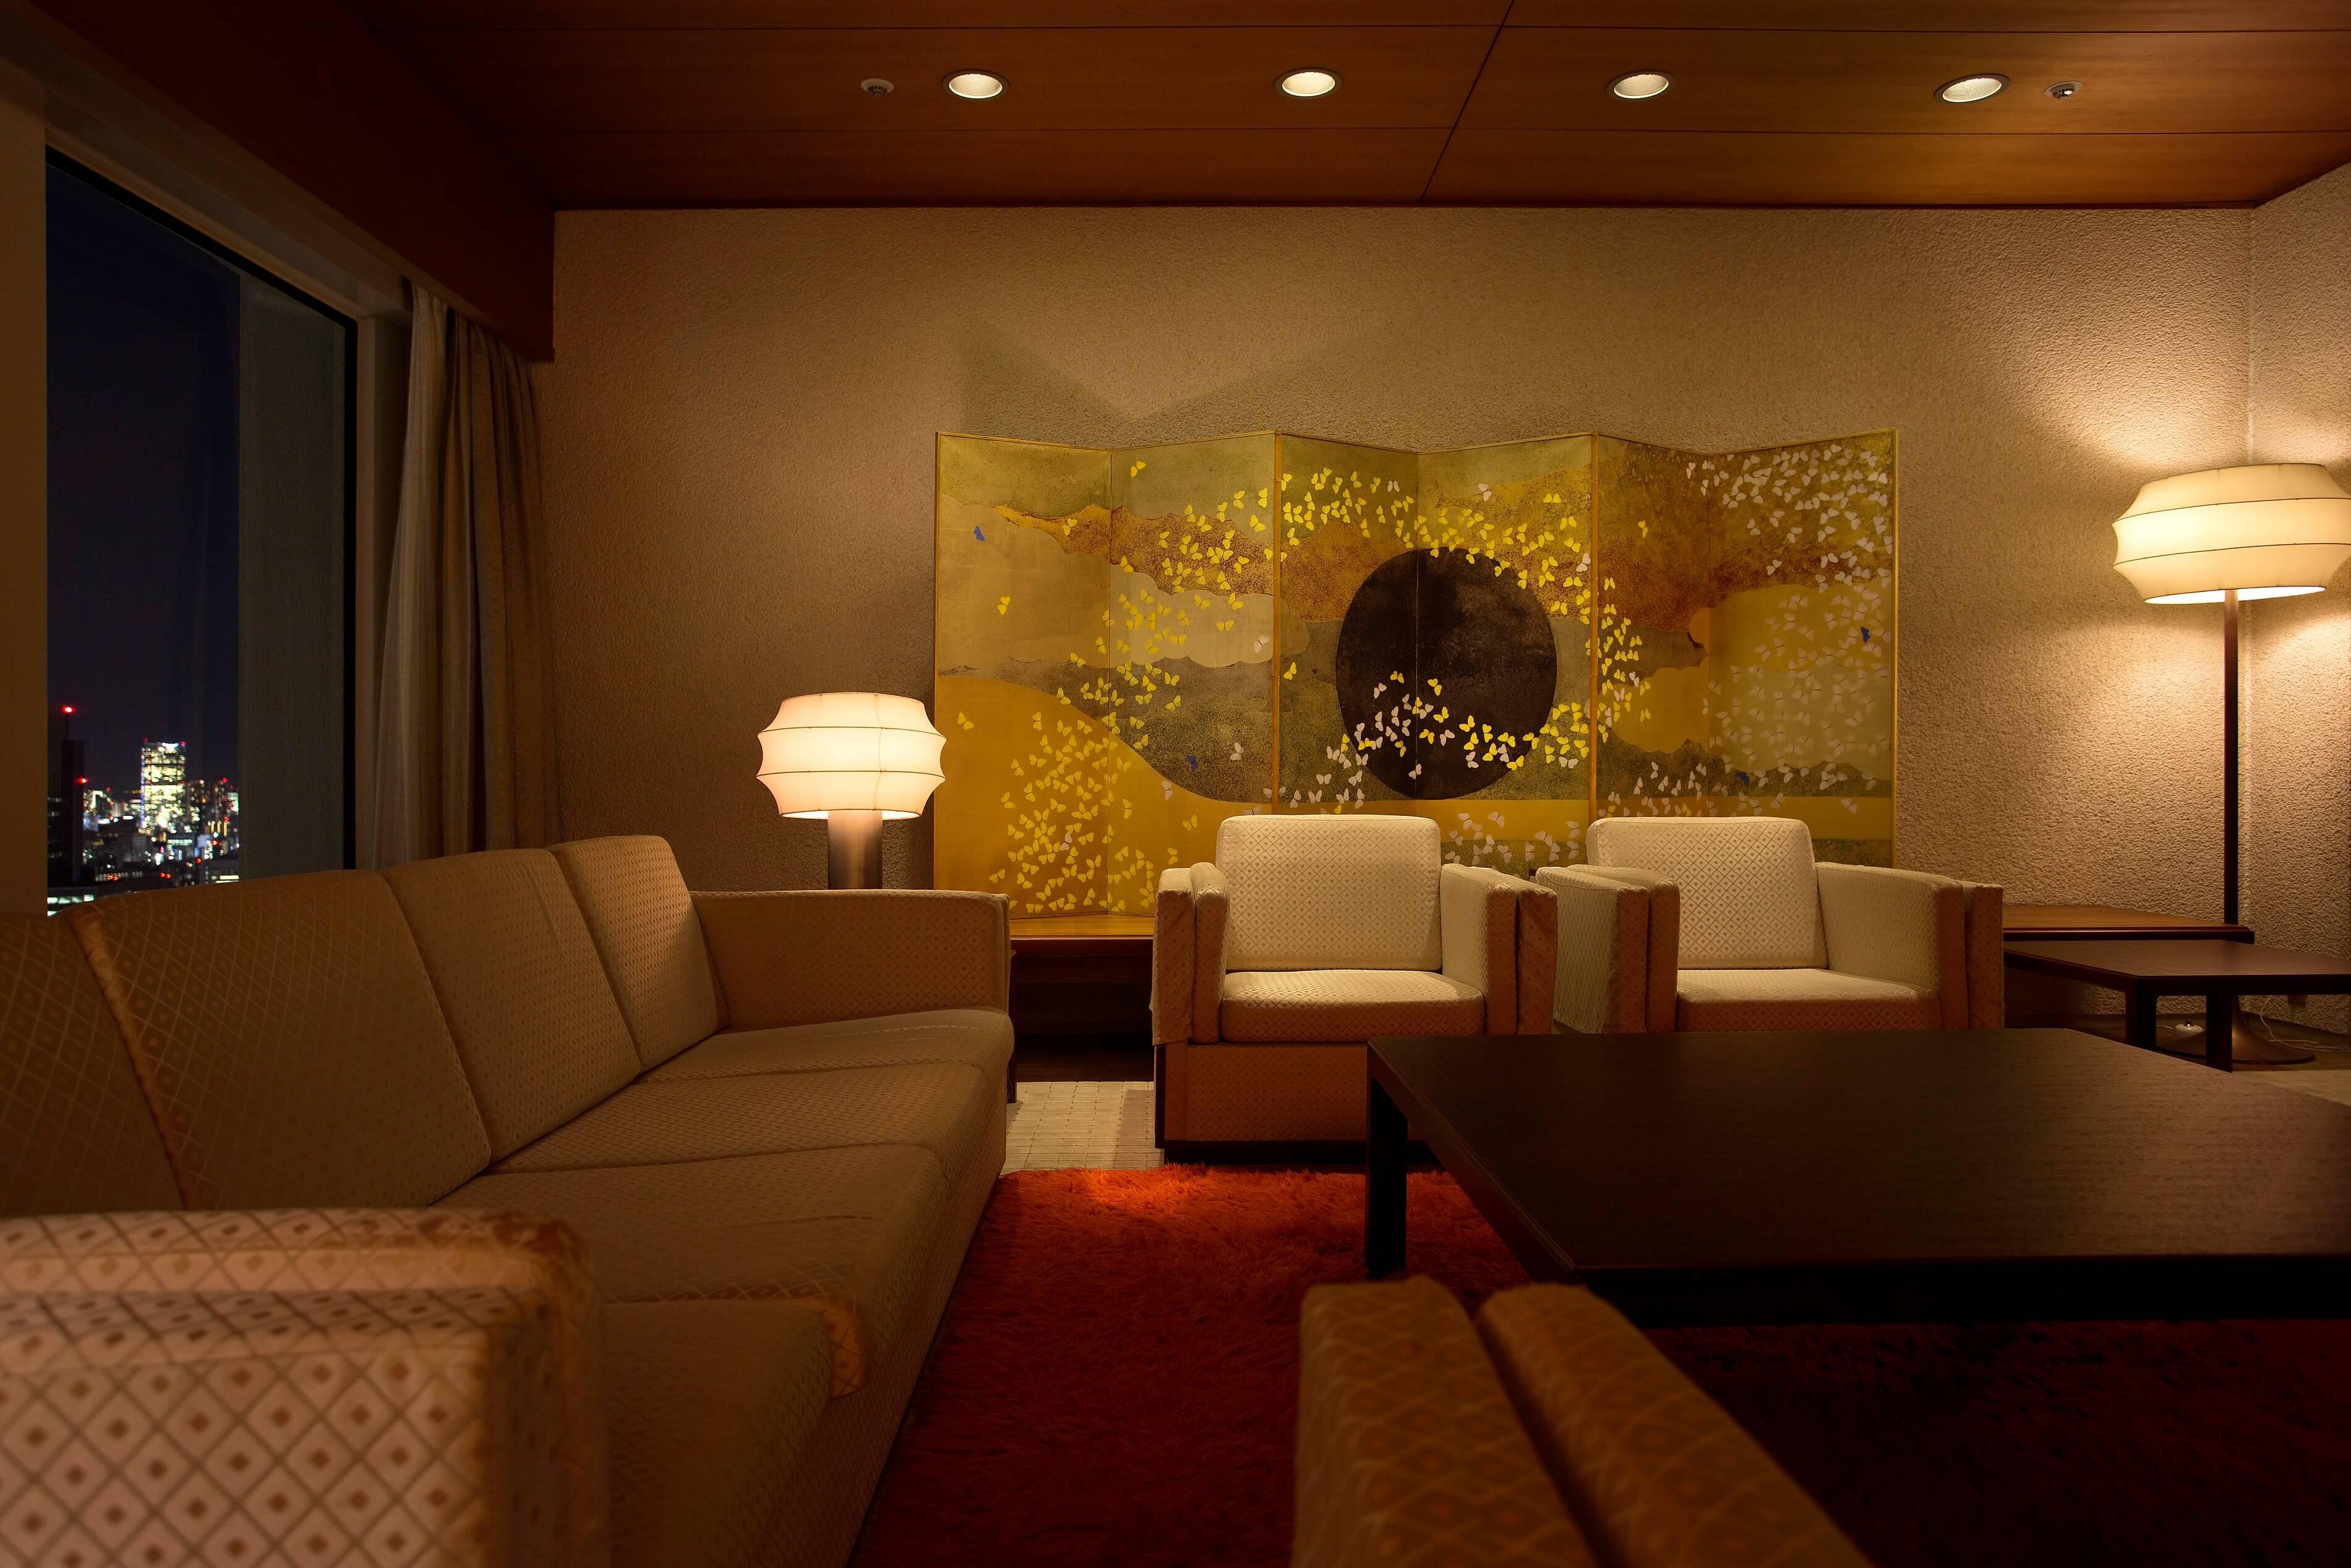 「京王プラザホテル」50周年記念の宿泊プランを販売 (2) (1)